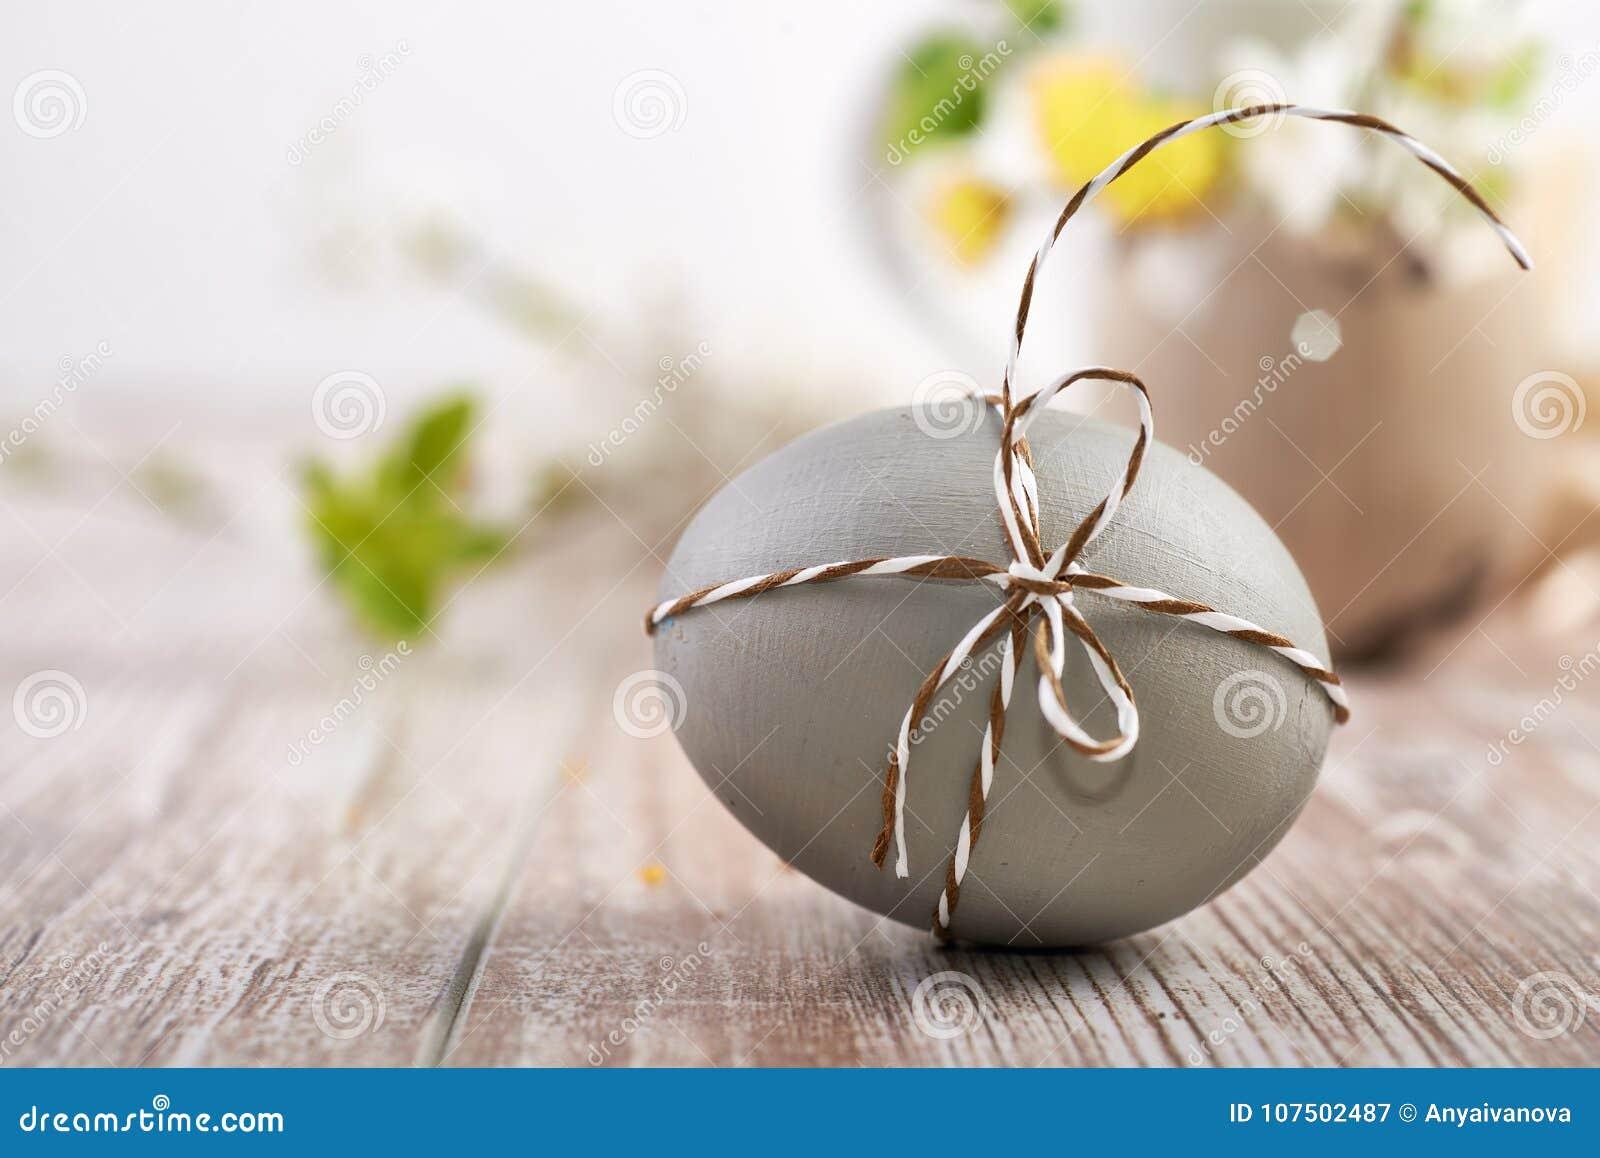 Primo piano sull uovo di Pasqua grigio legato con cavo a quadretti su legno